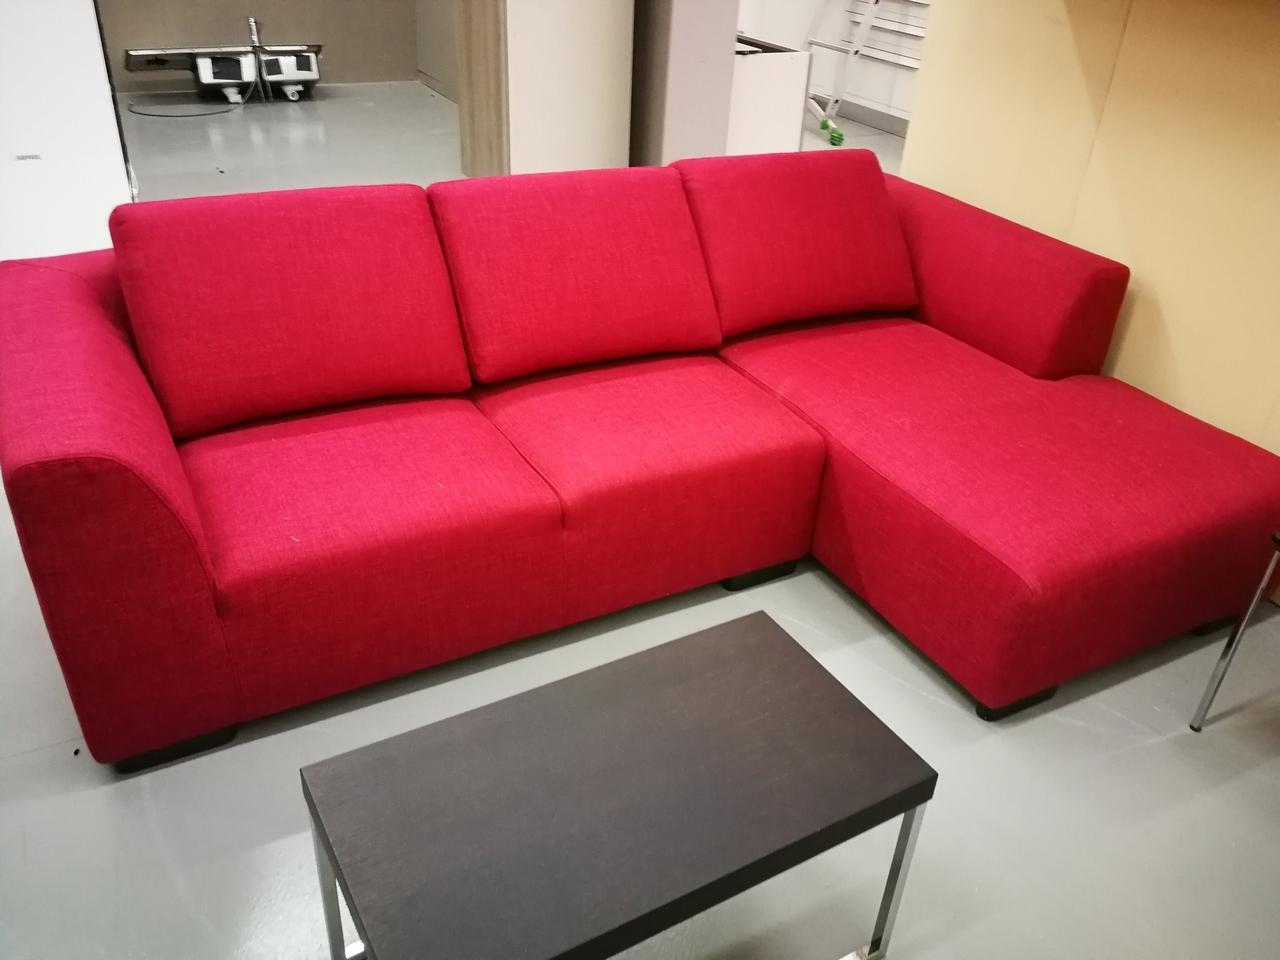 Divano alberta salotti divano boris divani con penisola for Divani piccoli con penisola